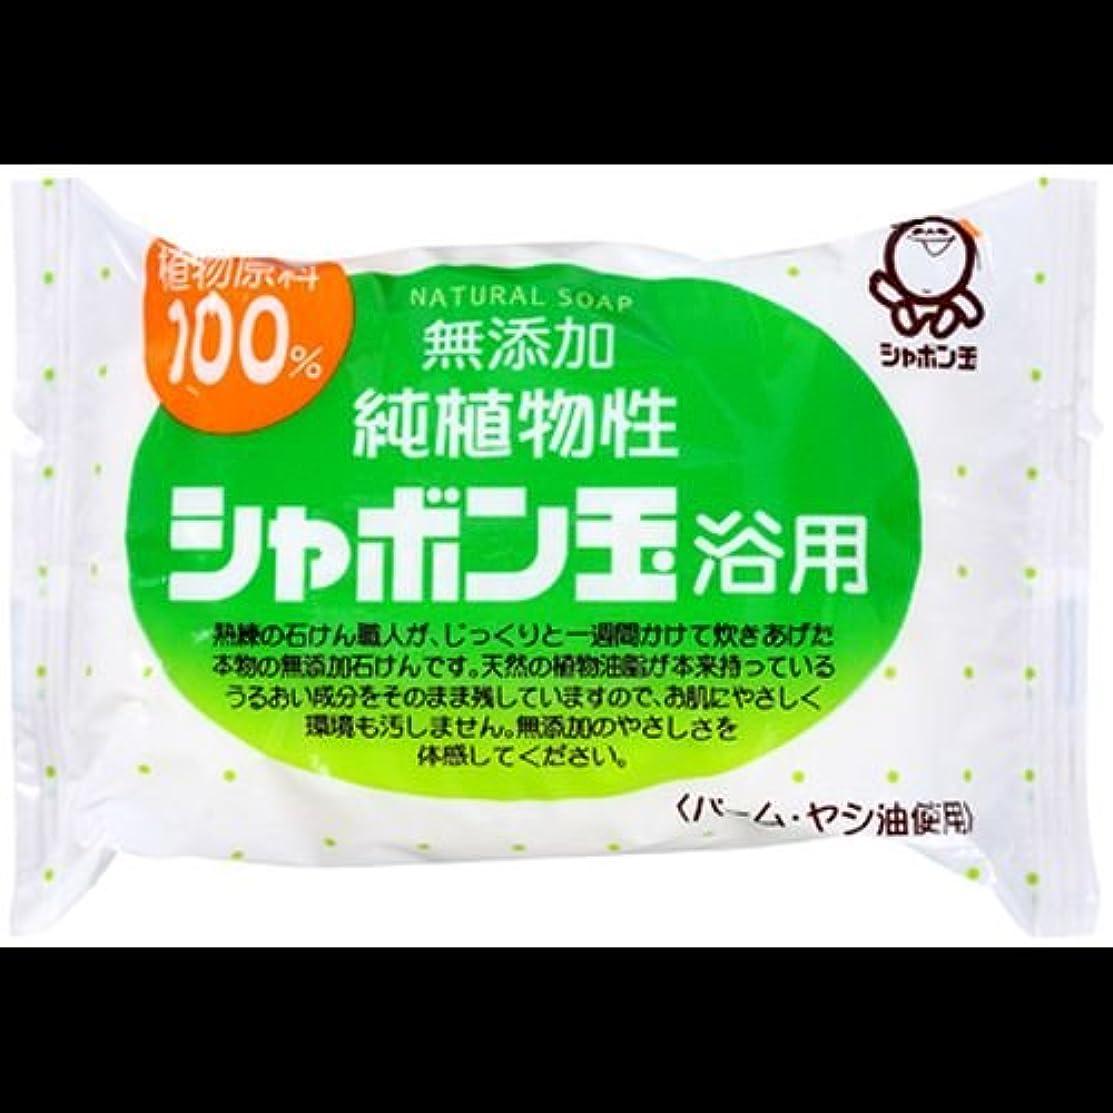 大騒ぎ回転逆【まとめ買い】シャボン玉 無添加 純植物性 シャボン玉浴用石けん 純植物性 100g ×2セット